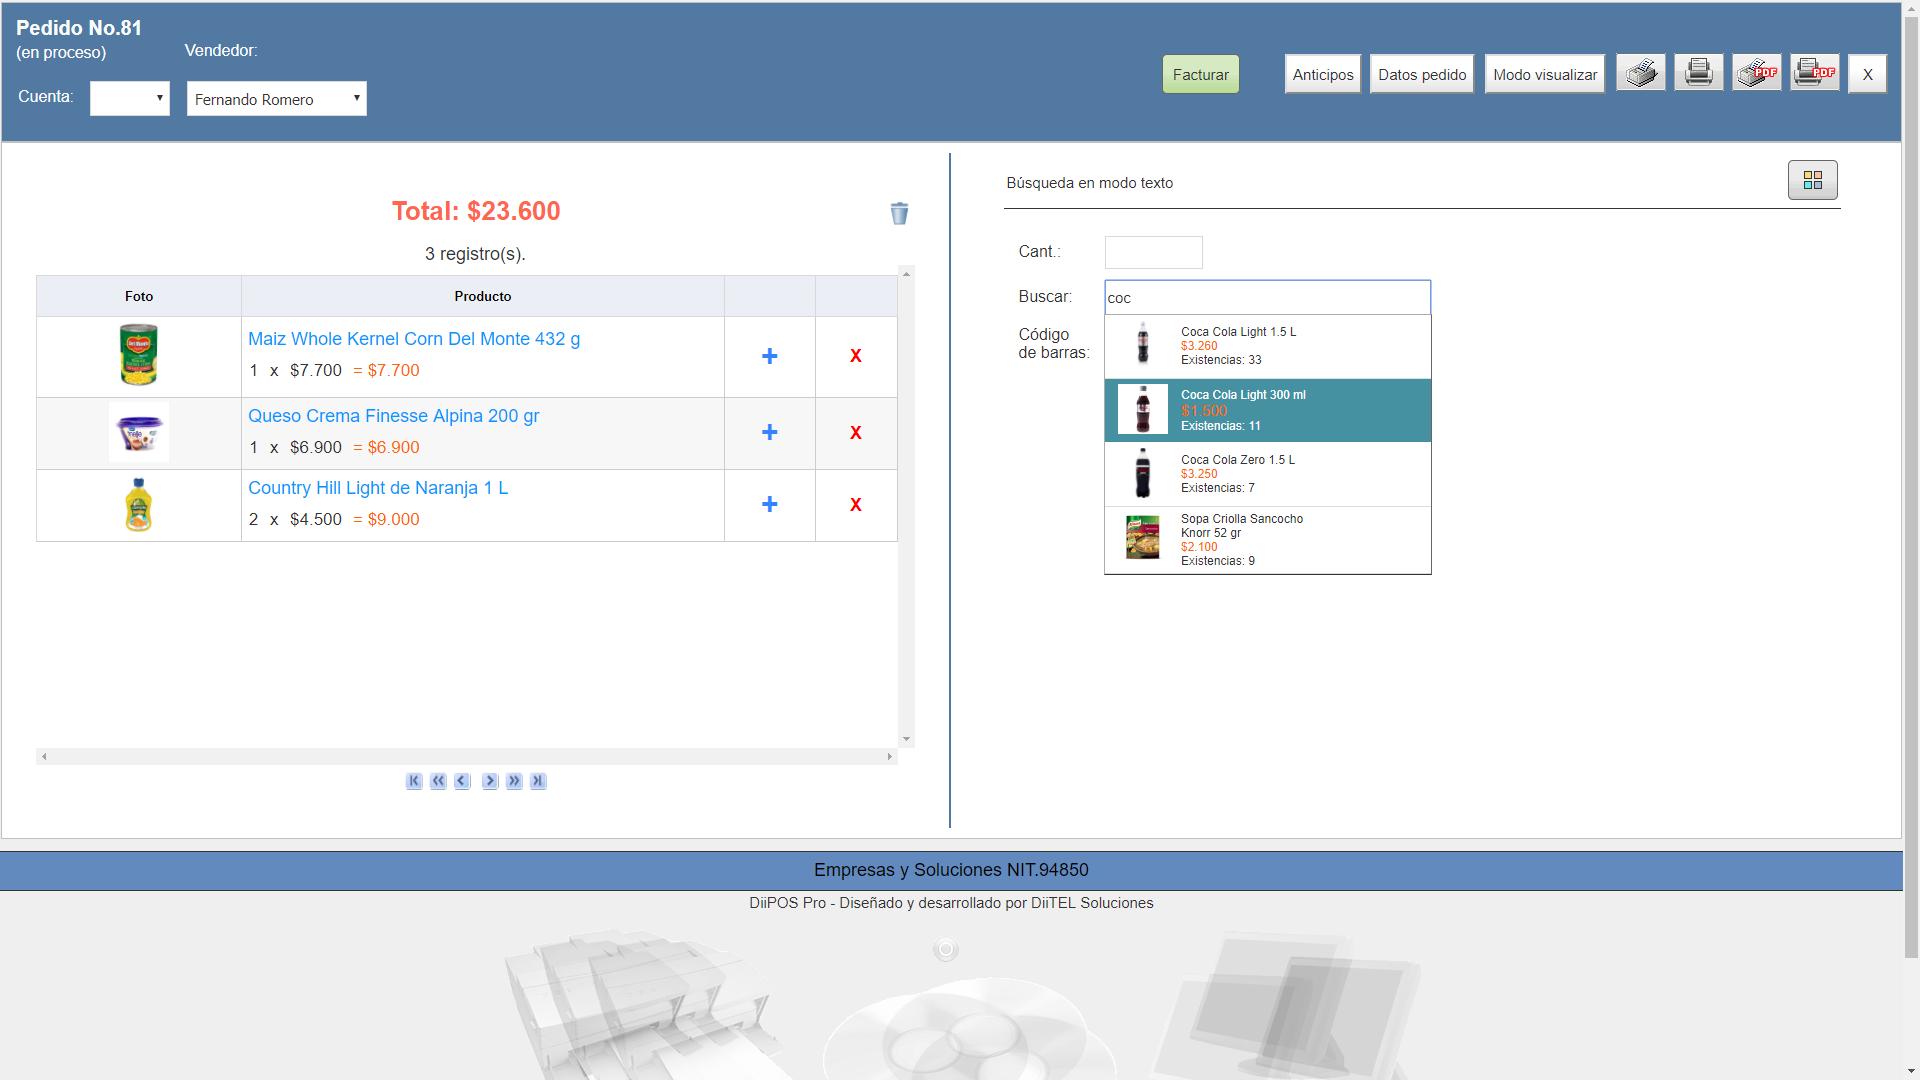 diitel soluciones desarrollo de software facturación inventario